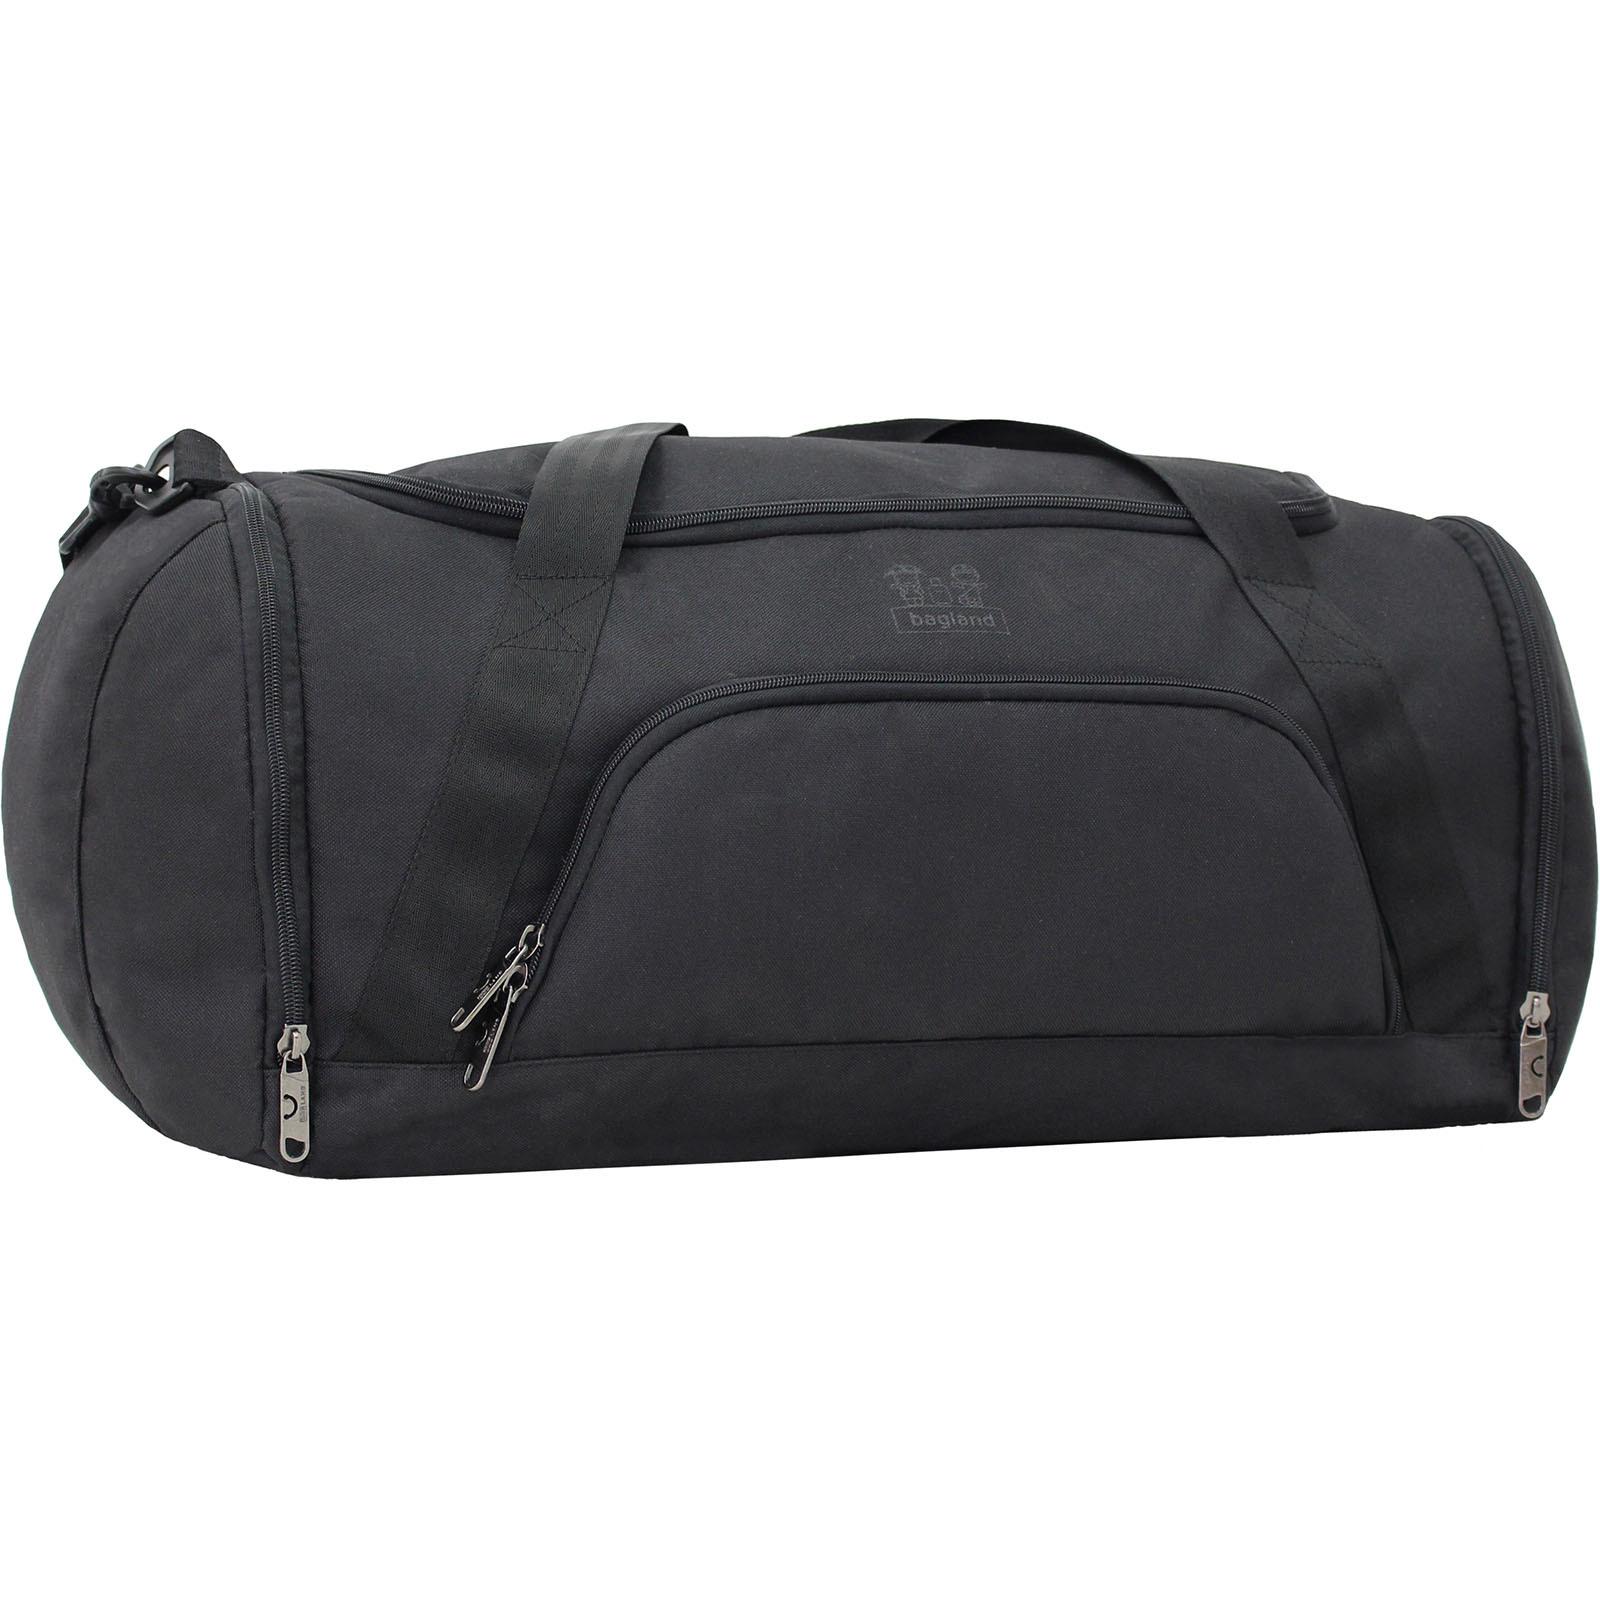 Спортивные сумки Сумка Bagland Верона 52 л. Чёрный (00322662) IMG_9228.JPG